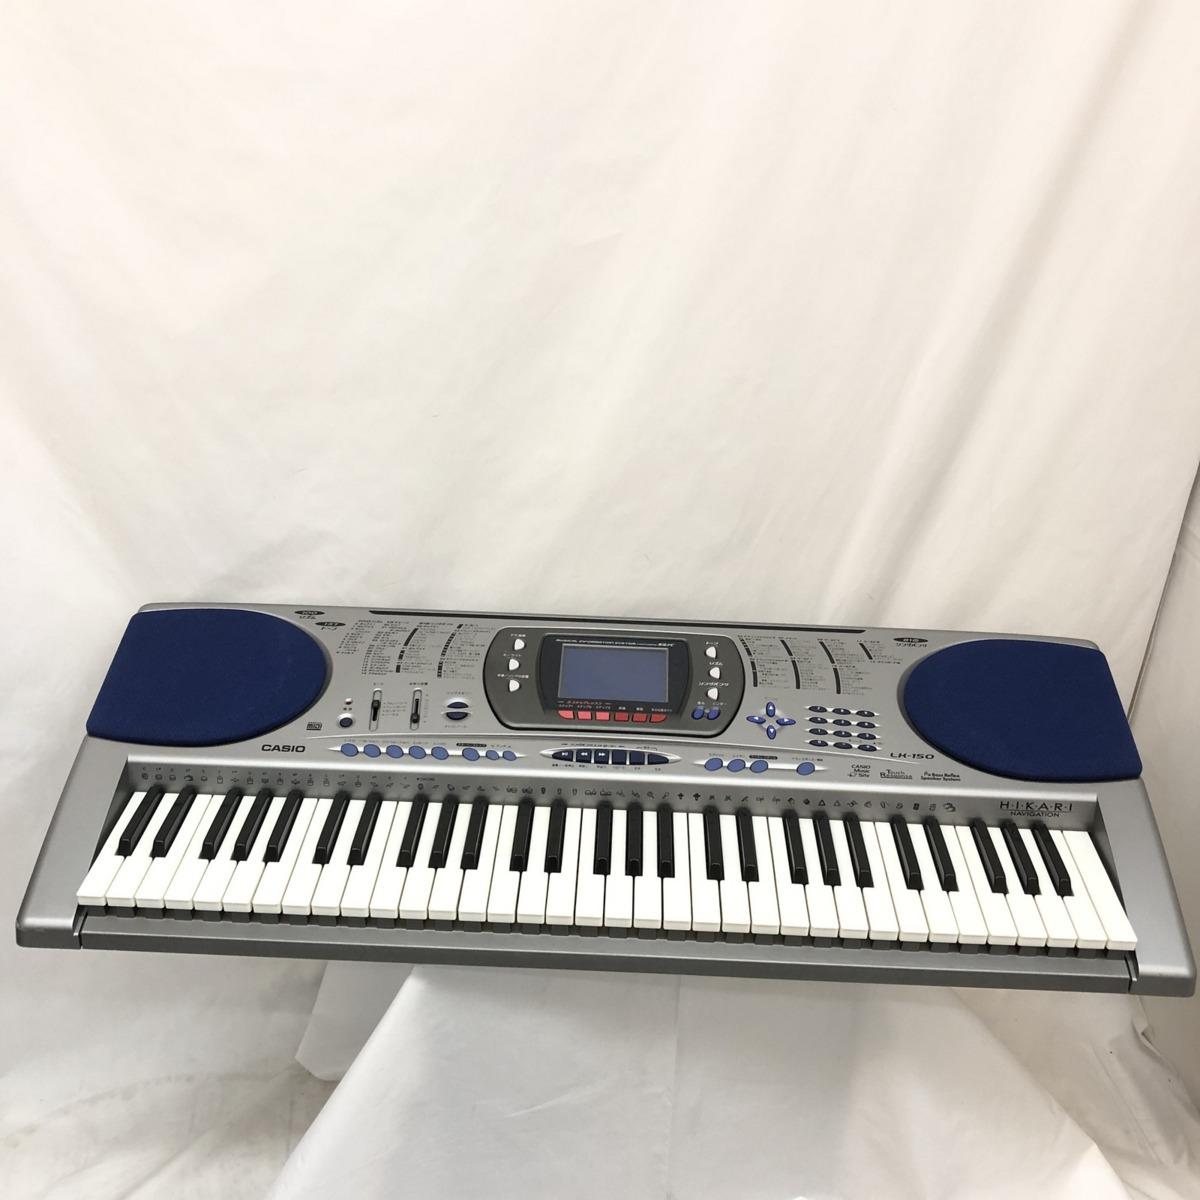 CASIO カシオ 電子キーボード LK-150 光ナビゲーション 61鍵盤 シルバー ブルー 電子ピアノ 鍵盤楽器 アダプター付き H15211_画像1